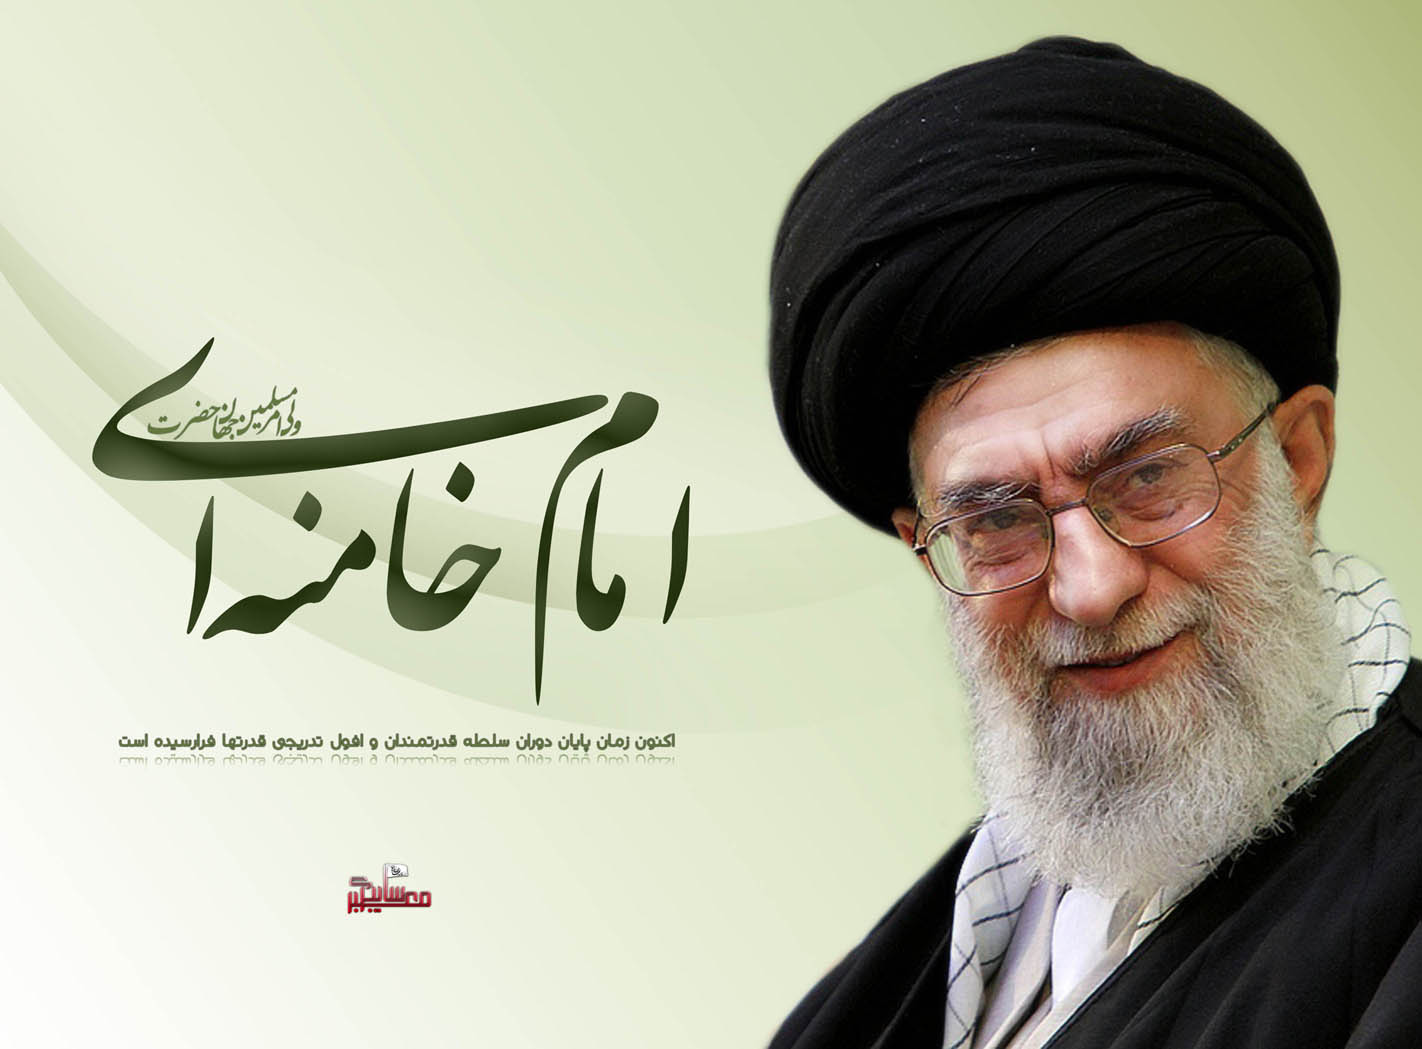 http://rayehe5.ir/wp-content/uploads/2013/12/1_emam_khamenei_1_by_hmsk11-d3axqrd.jpg